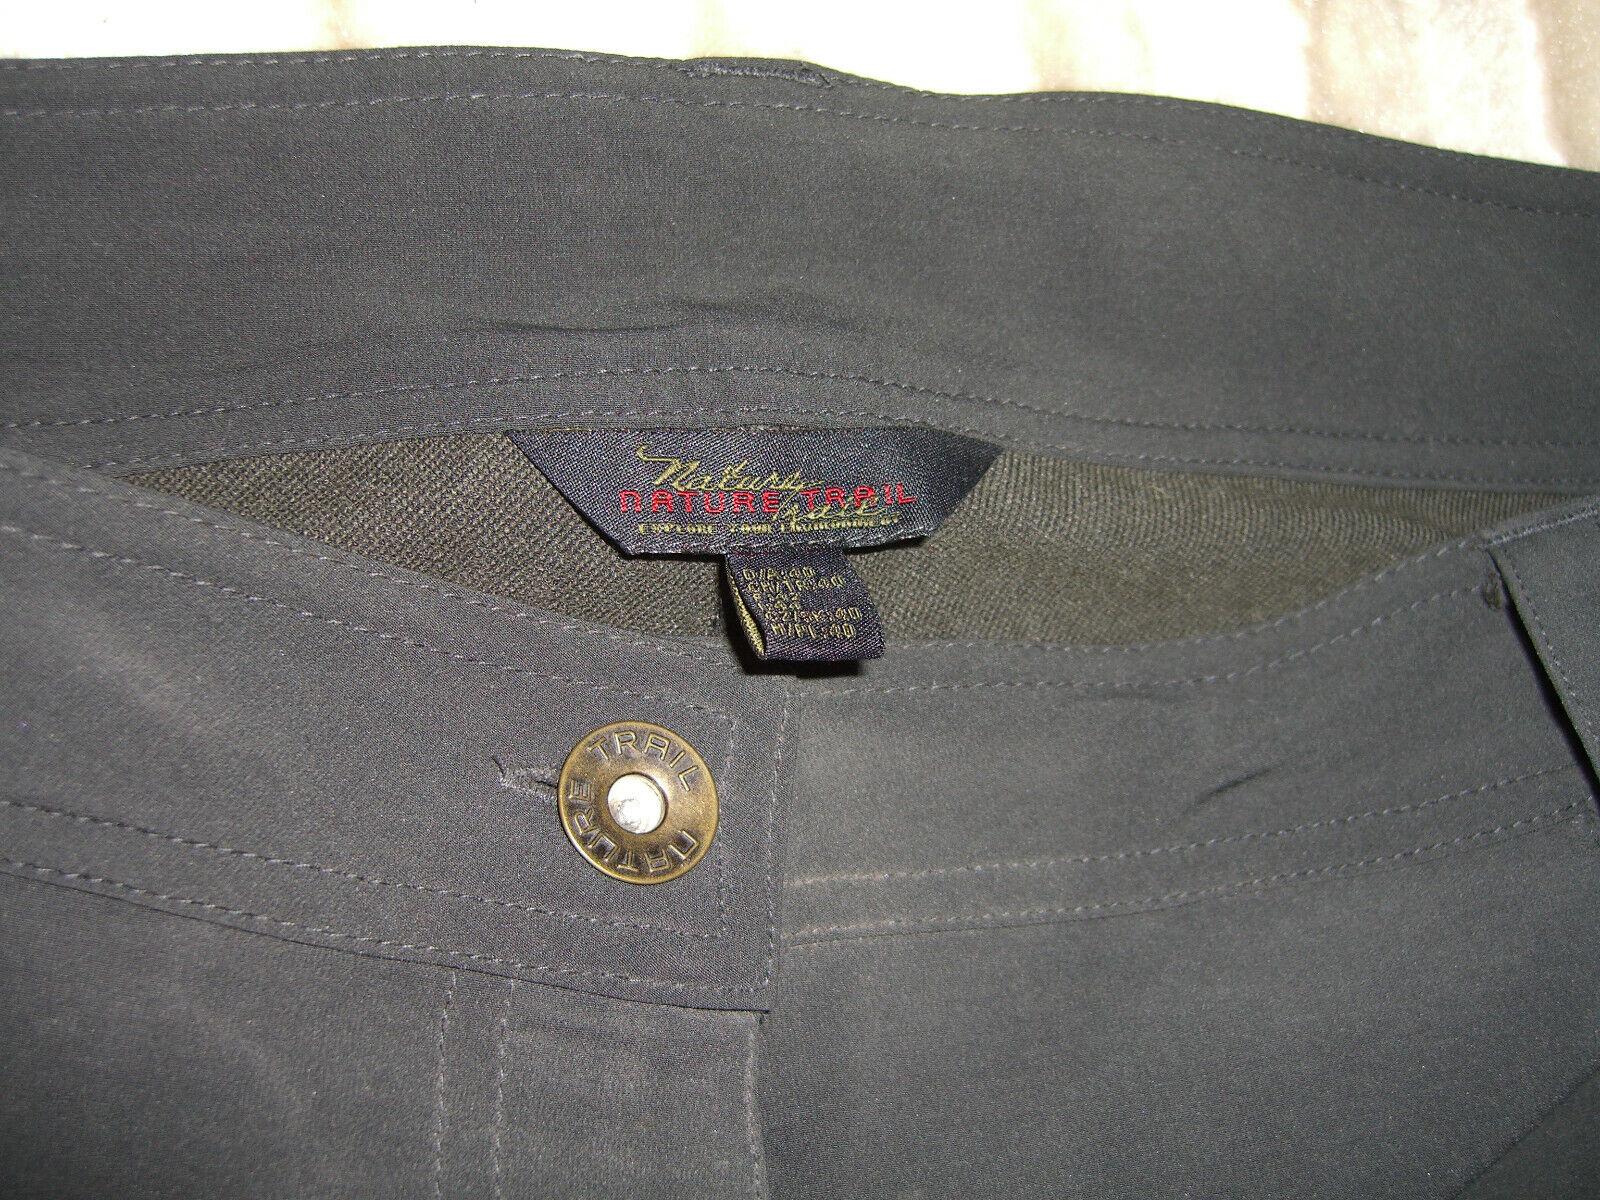 Damen Softshell Hose Trekkinghose schwarz anthrazit Gr. 40